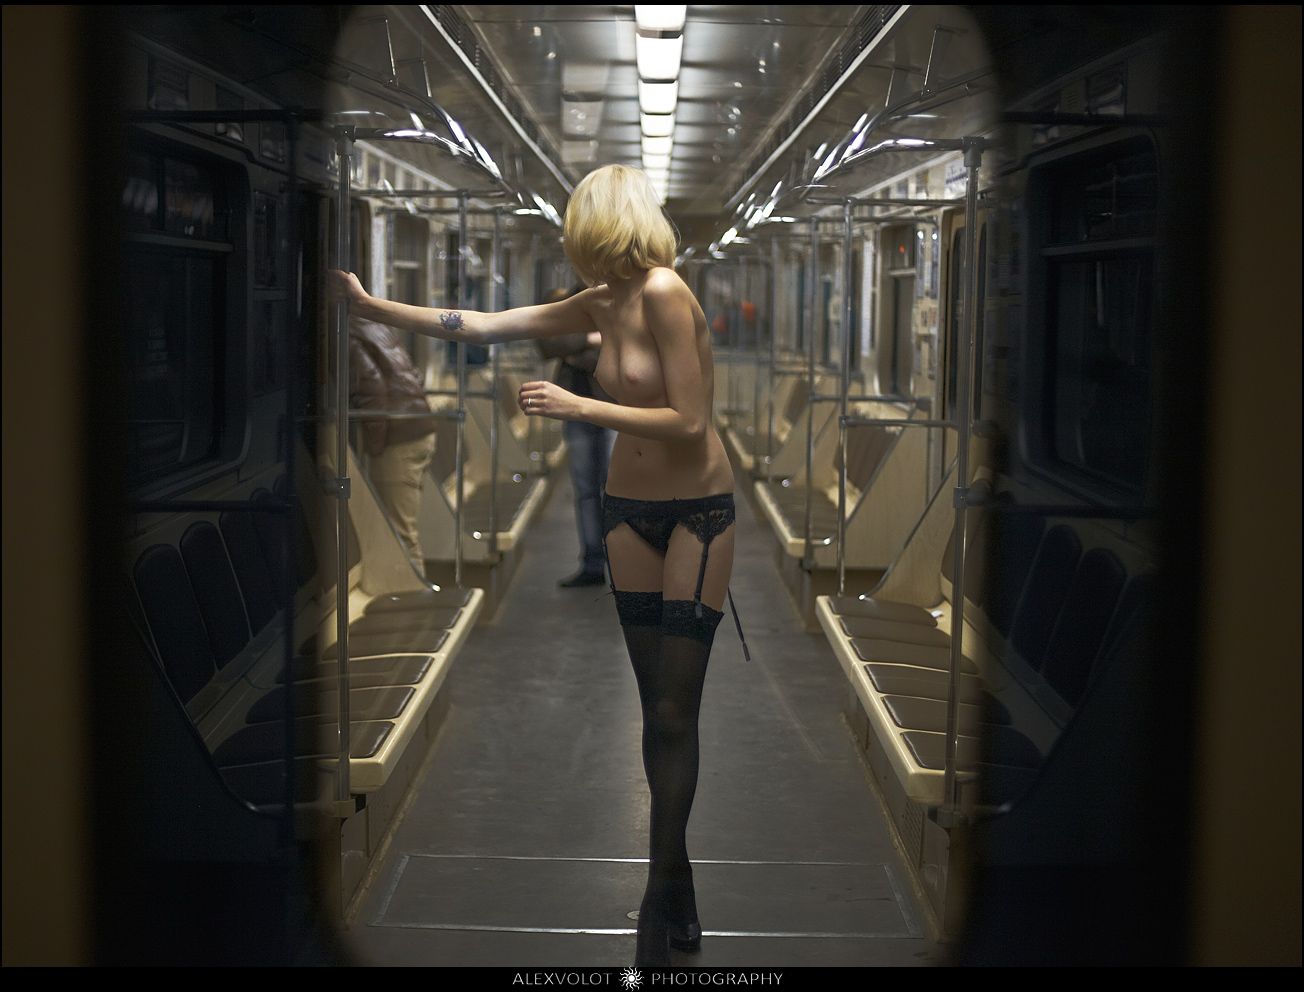 Эротическая история секс в метро 5 фотография